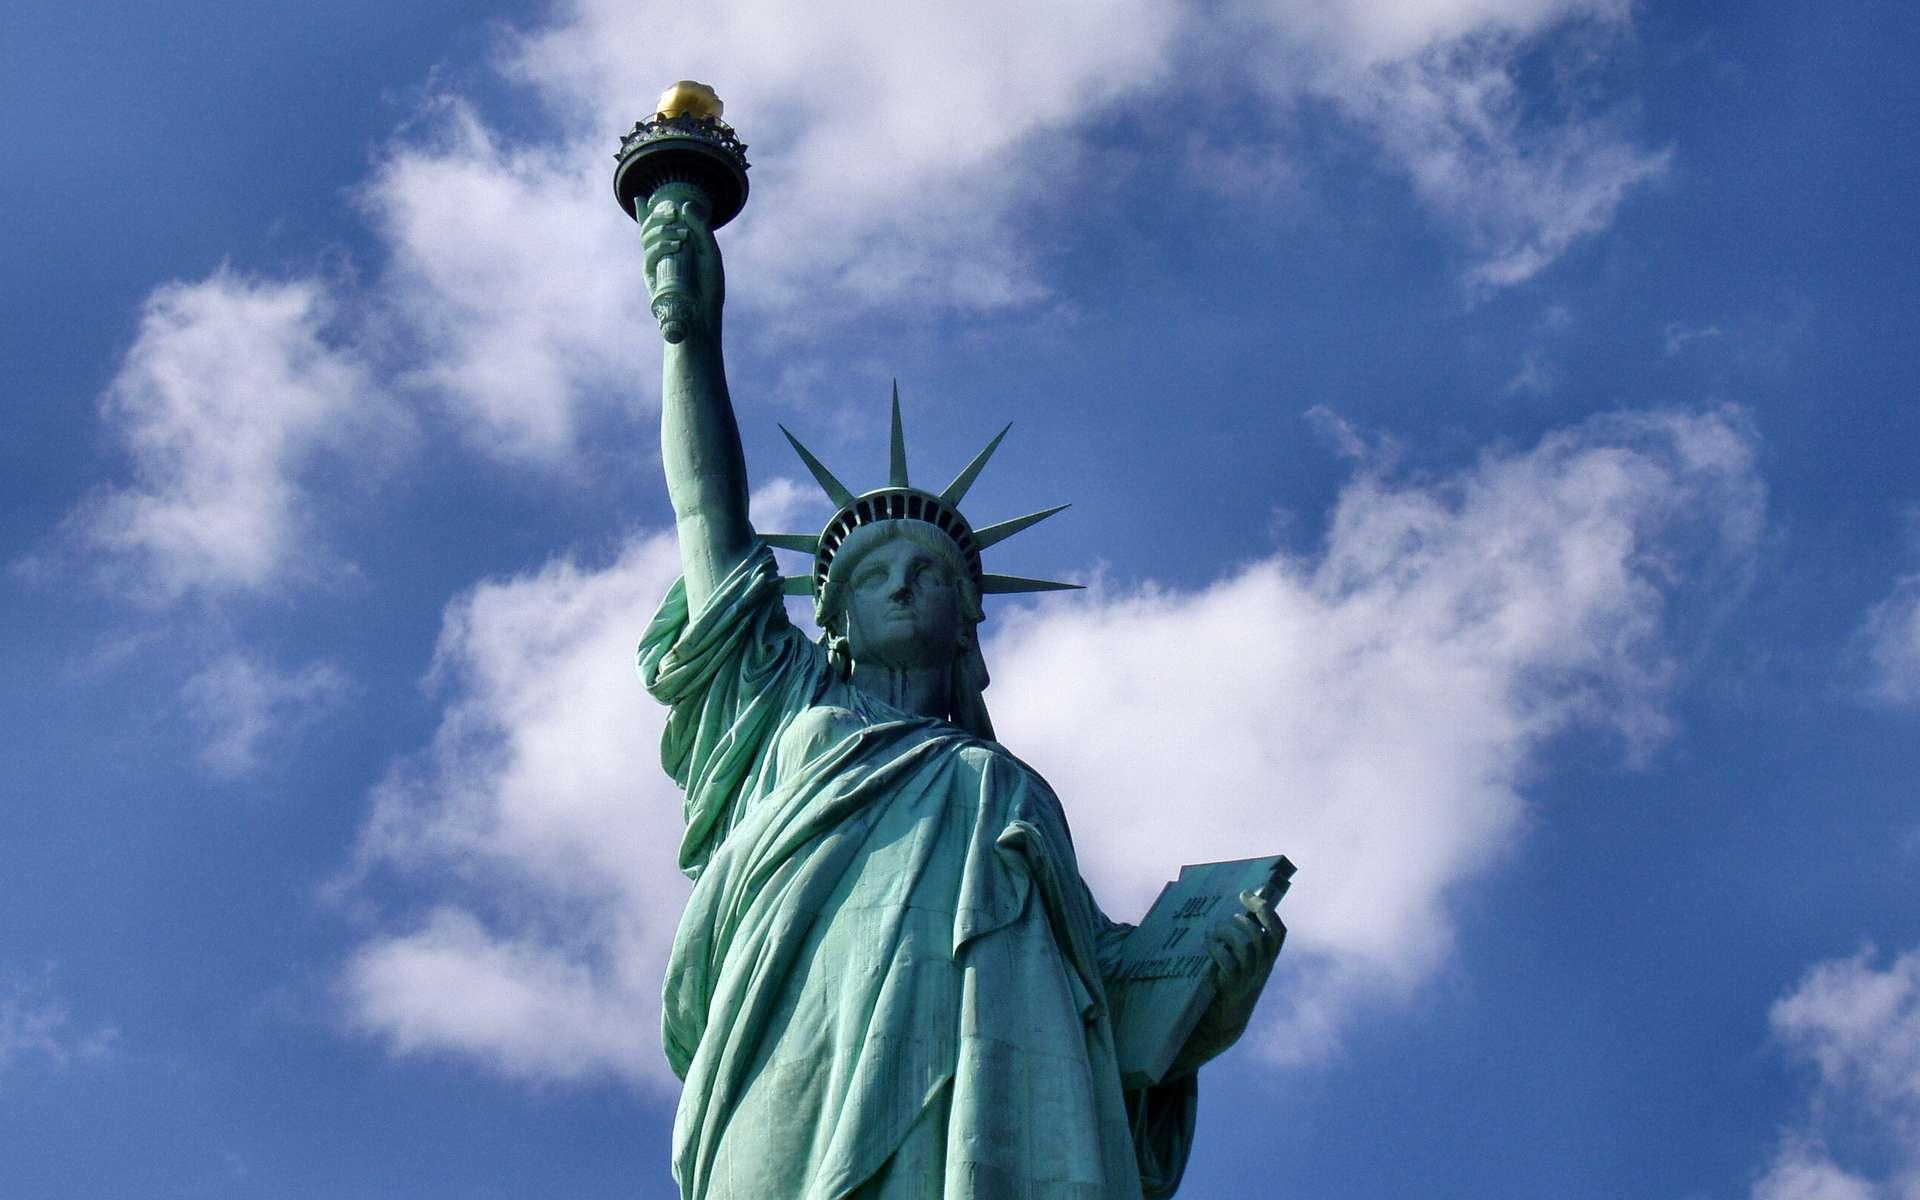 La statue de la Liberté, un des monuments incontournables de New York City. © Tysto, Wikimédia, CC by 2.0